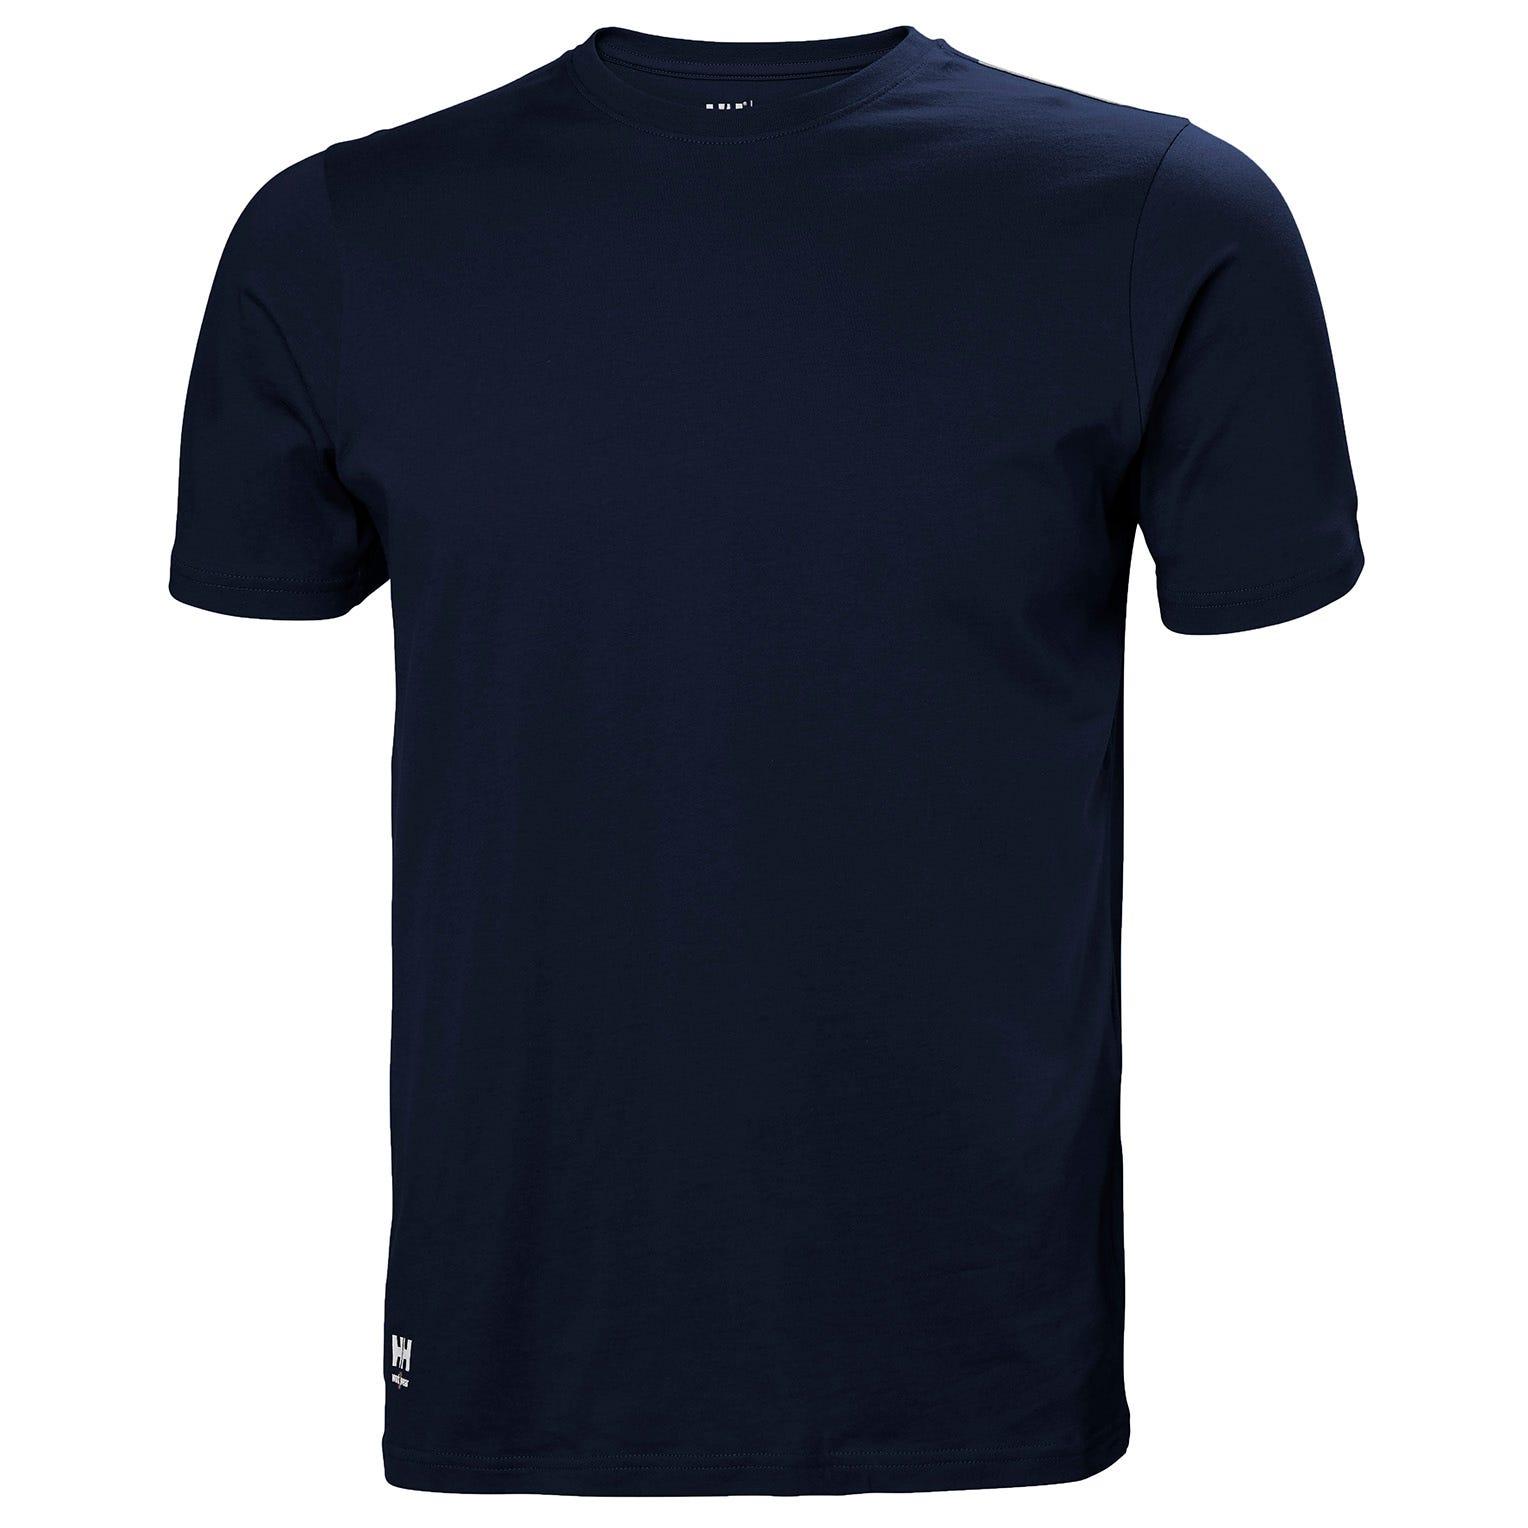 HH Workwear Helly Hansen WorkwearManchester Tshirt Navy L